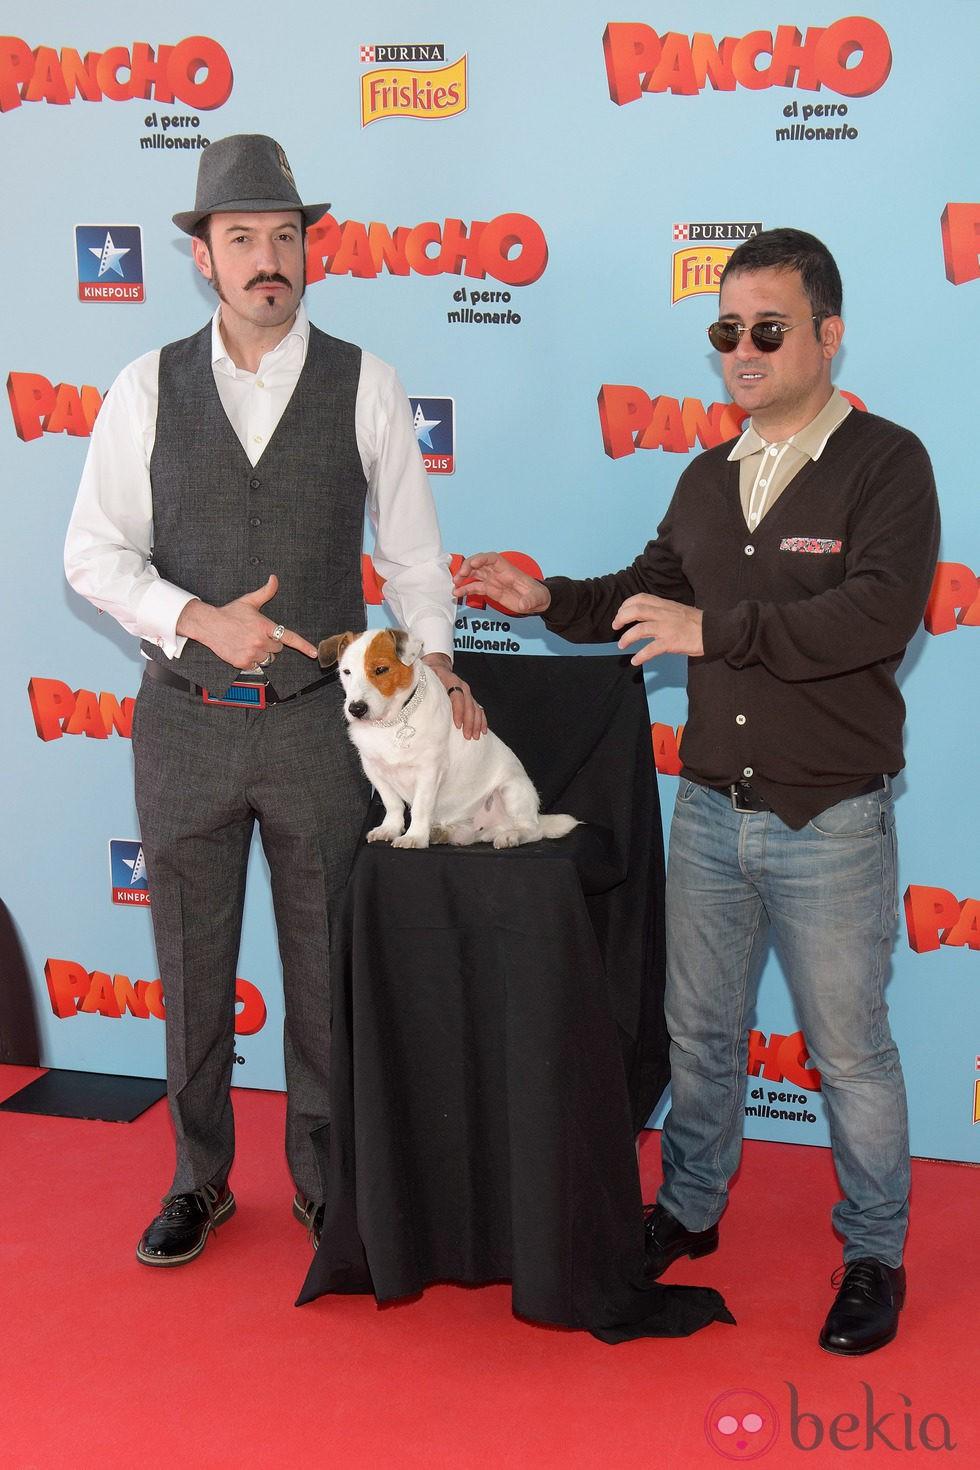 Alex O'Dogherty y Secun de la Rosa en la premiere de 'Pancho, el perro millonario' en Madrid